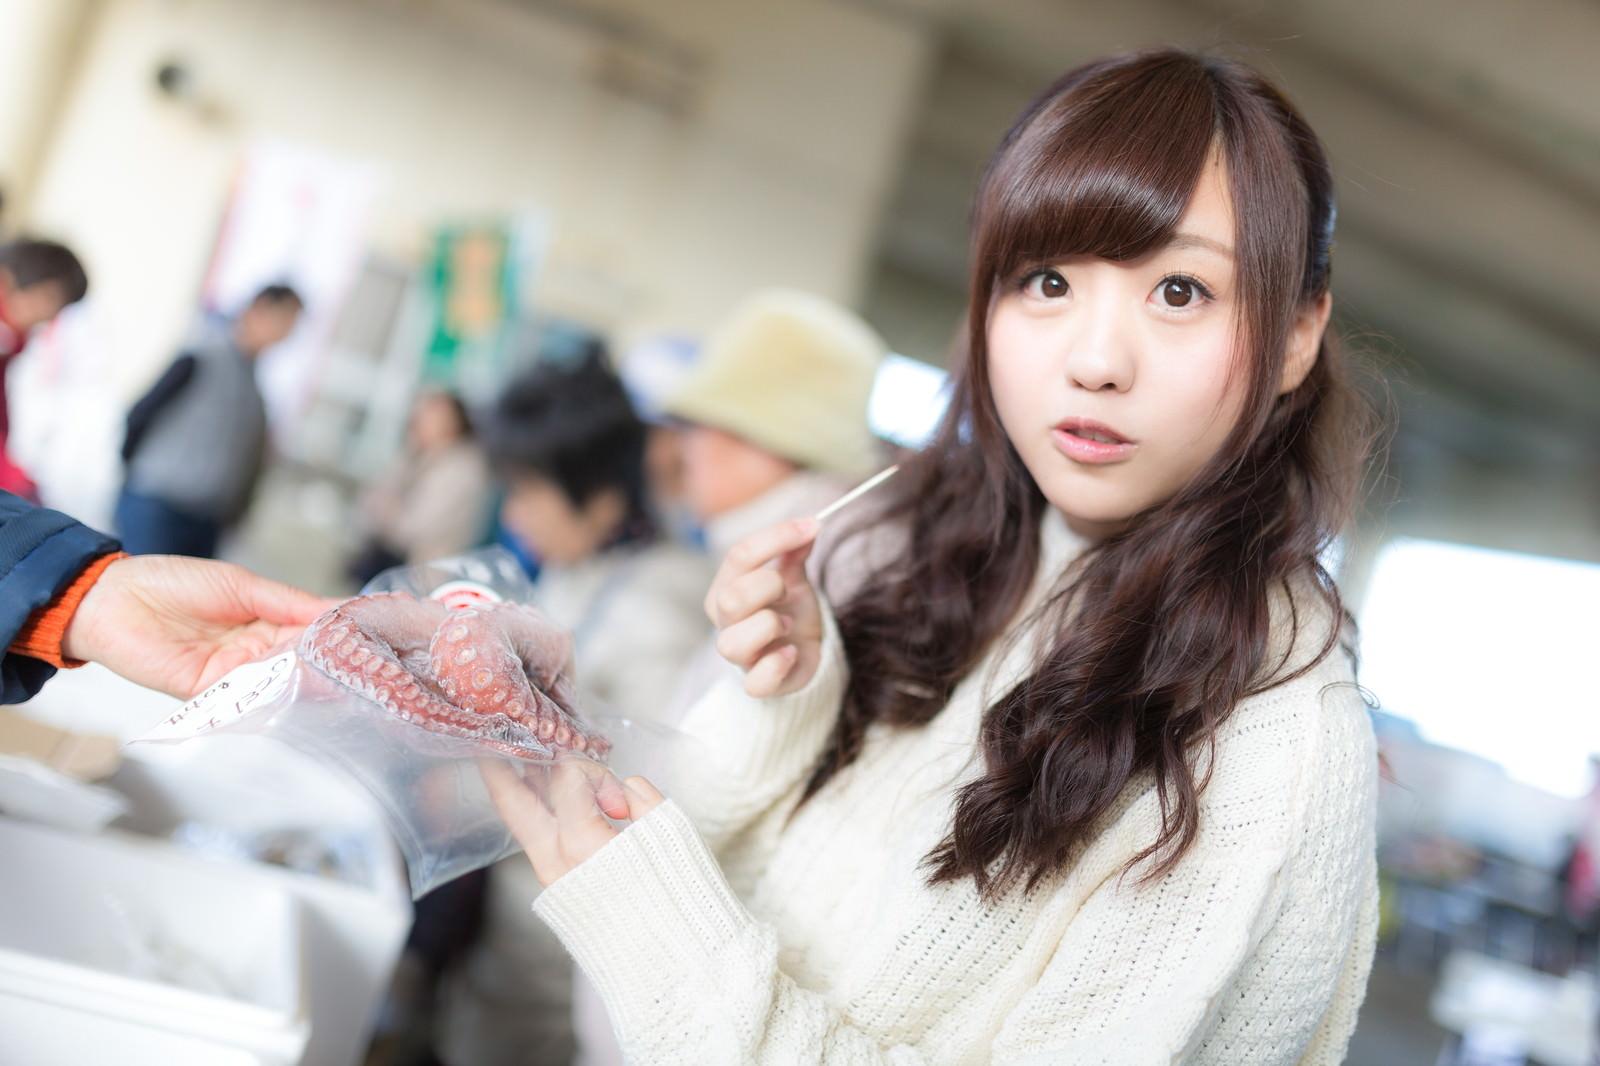 「朝市で新鮮なタコを試食する女性」の写真[モデル:河村友歌]